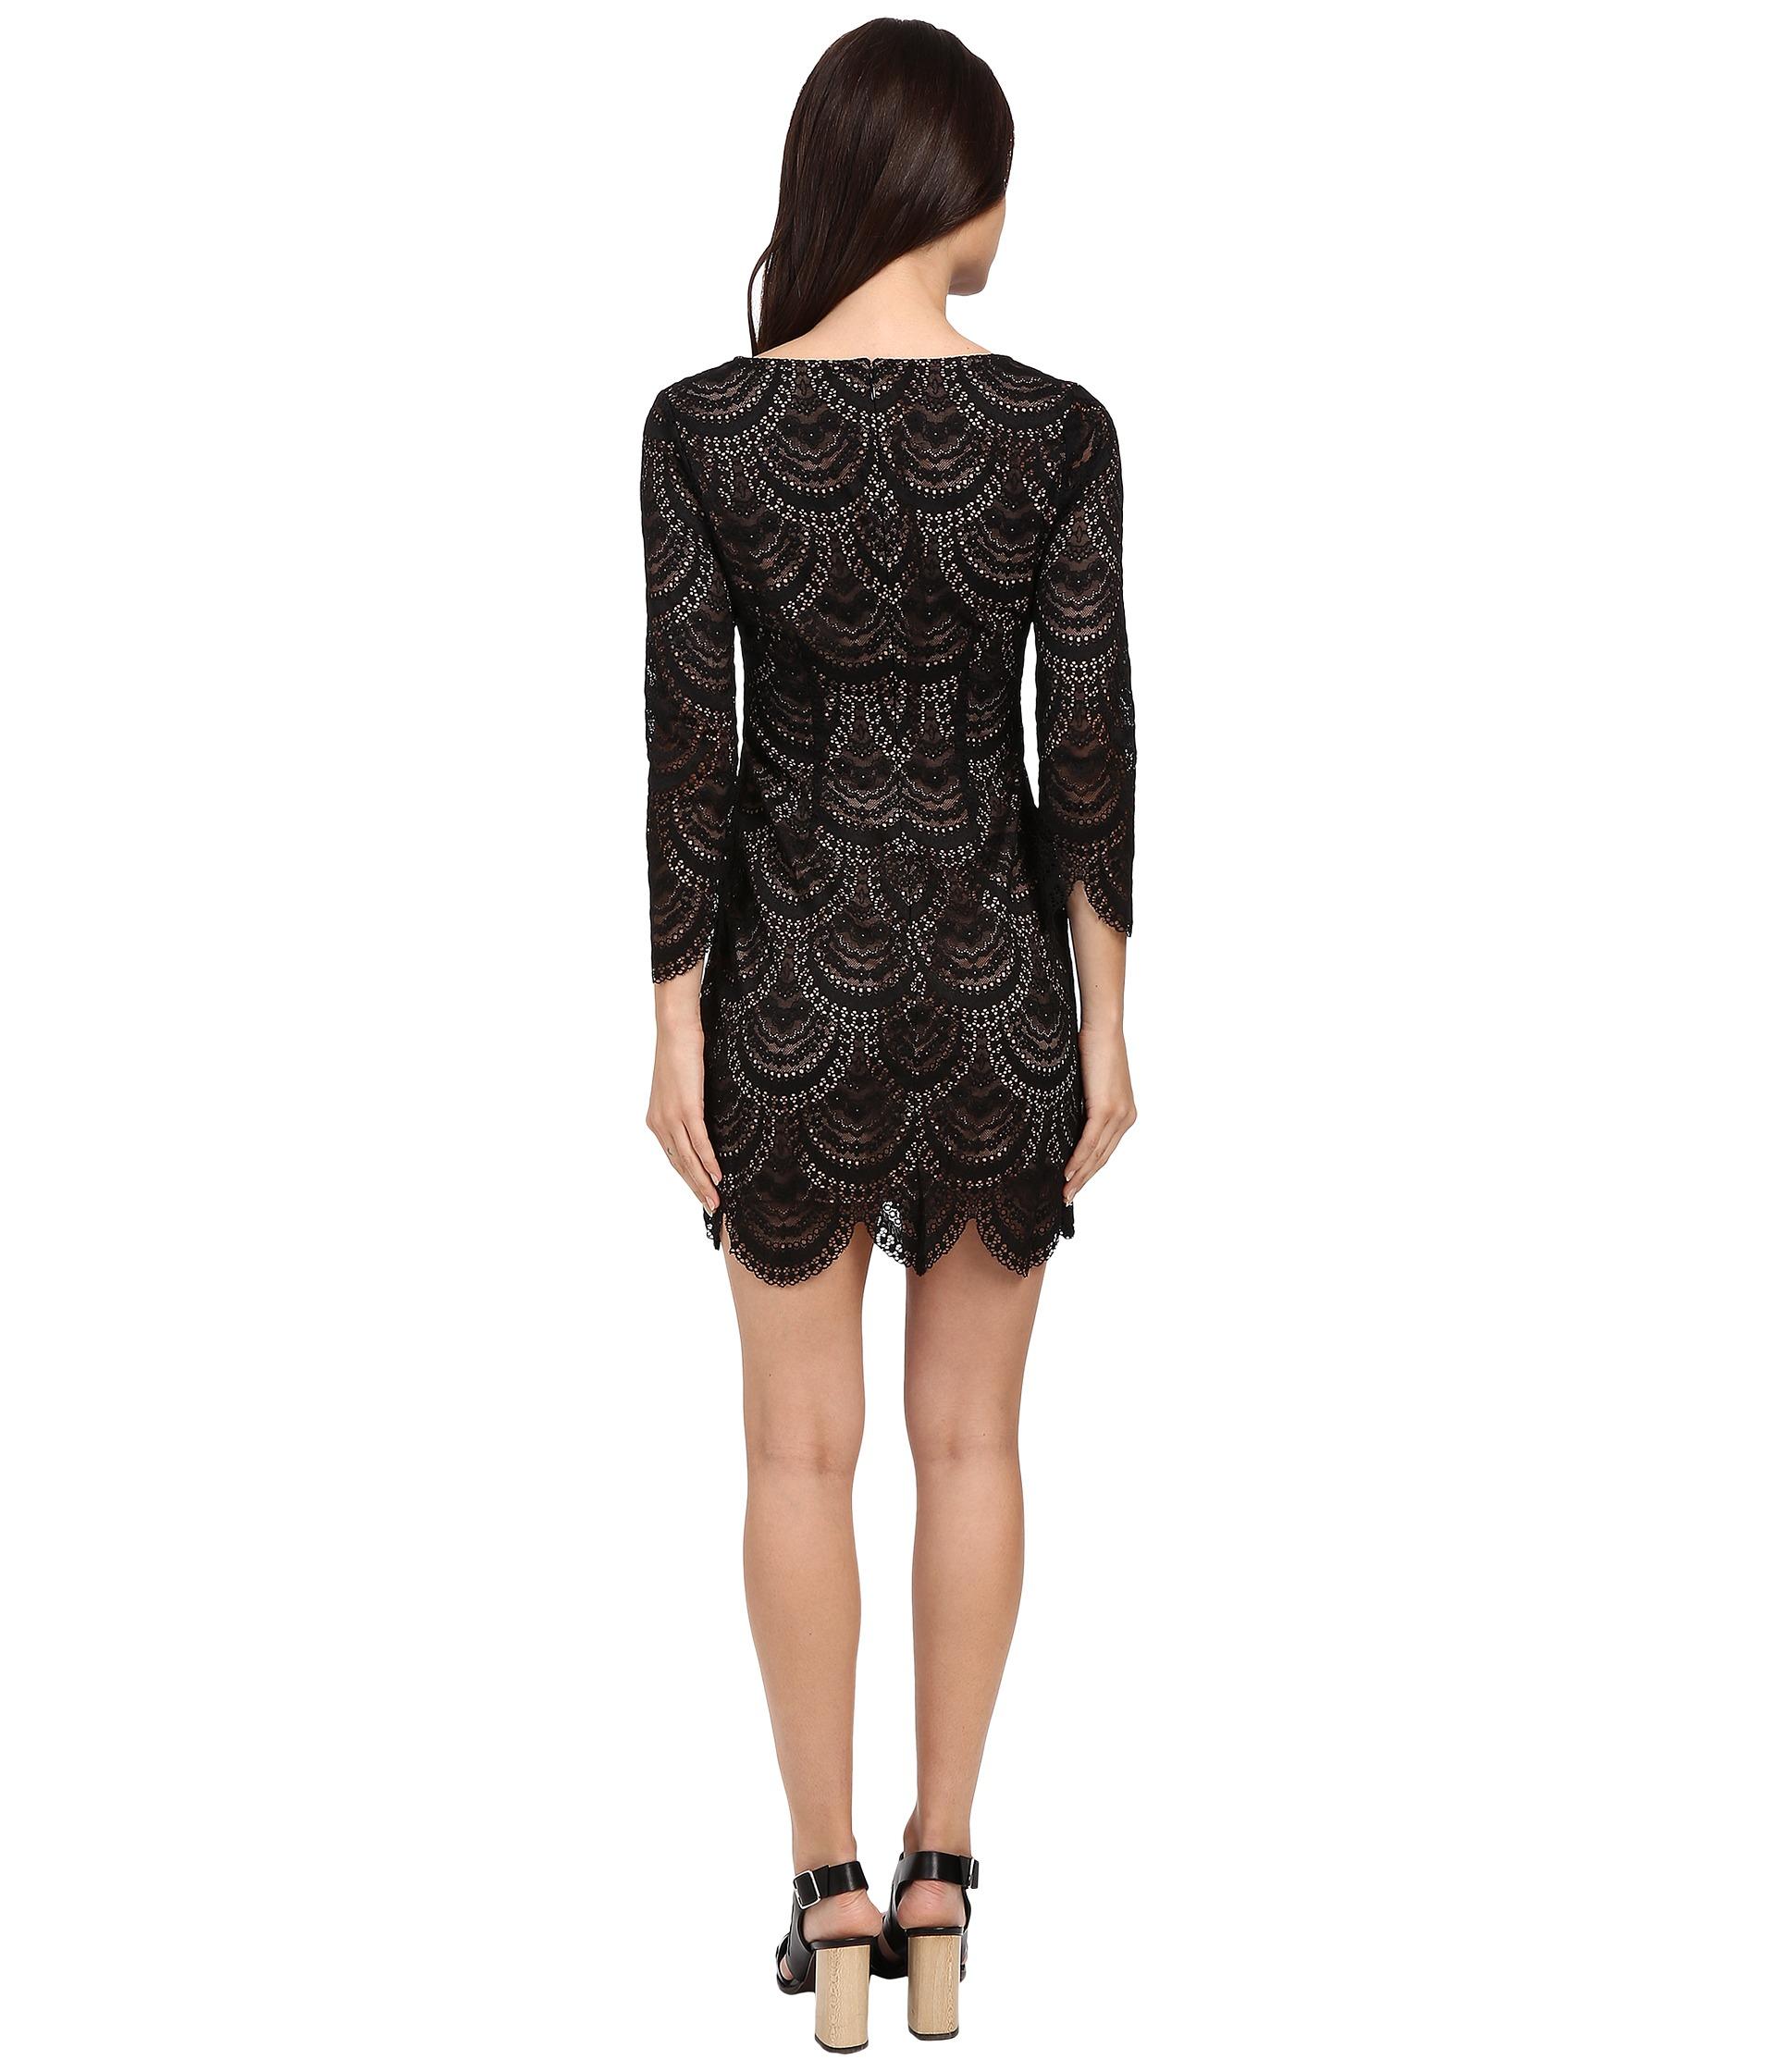 c3858f4da43d6 For Love & Lemons Rosalita Mini Dress in Black - Lyst